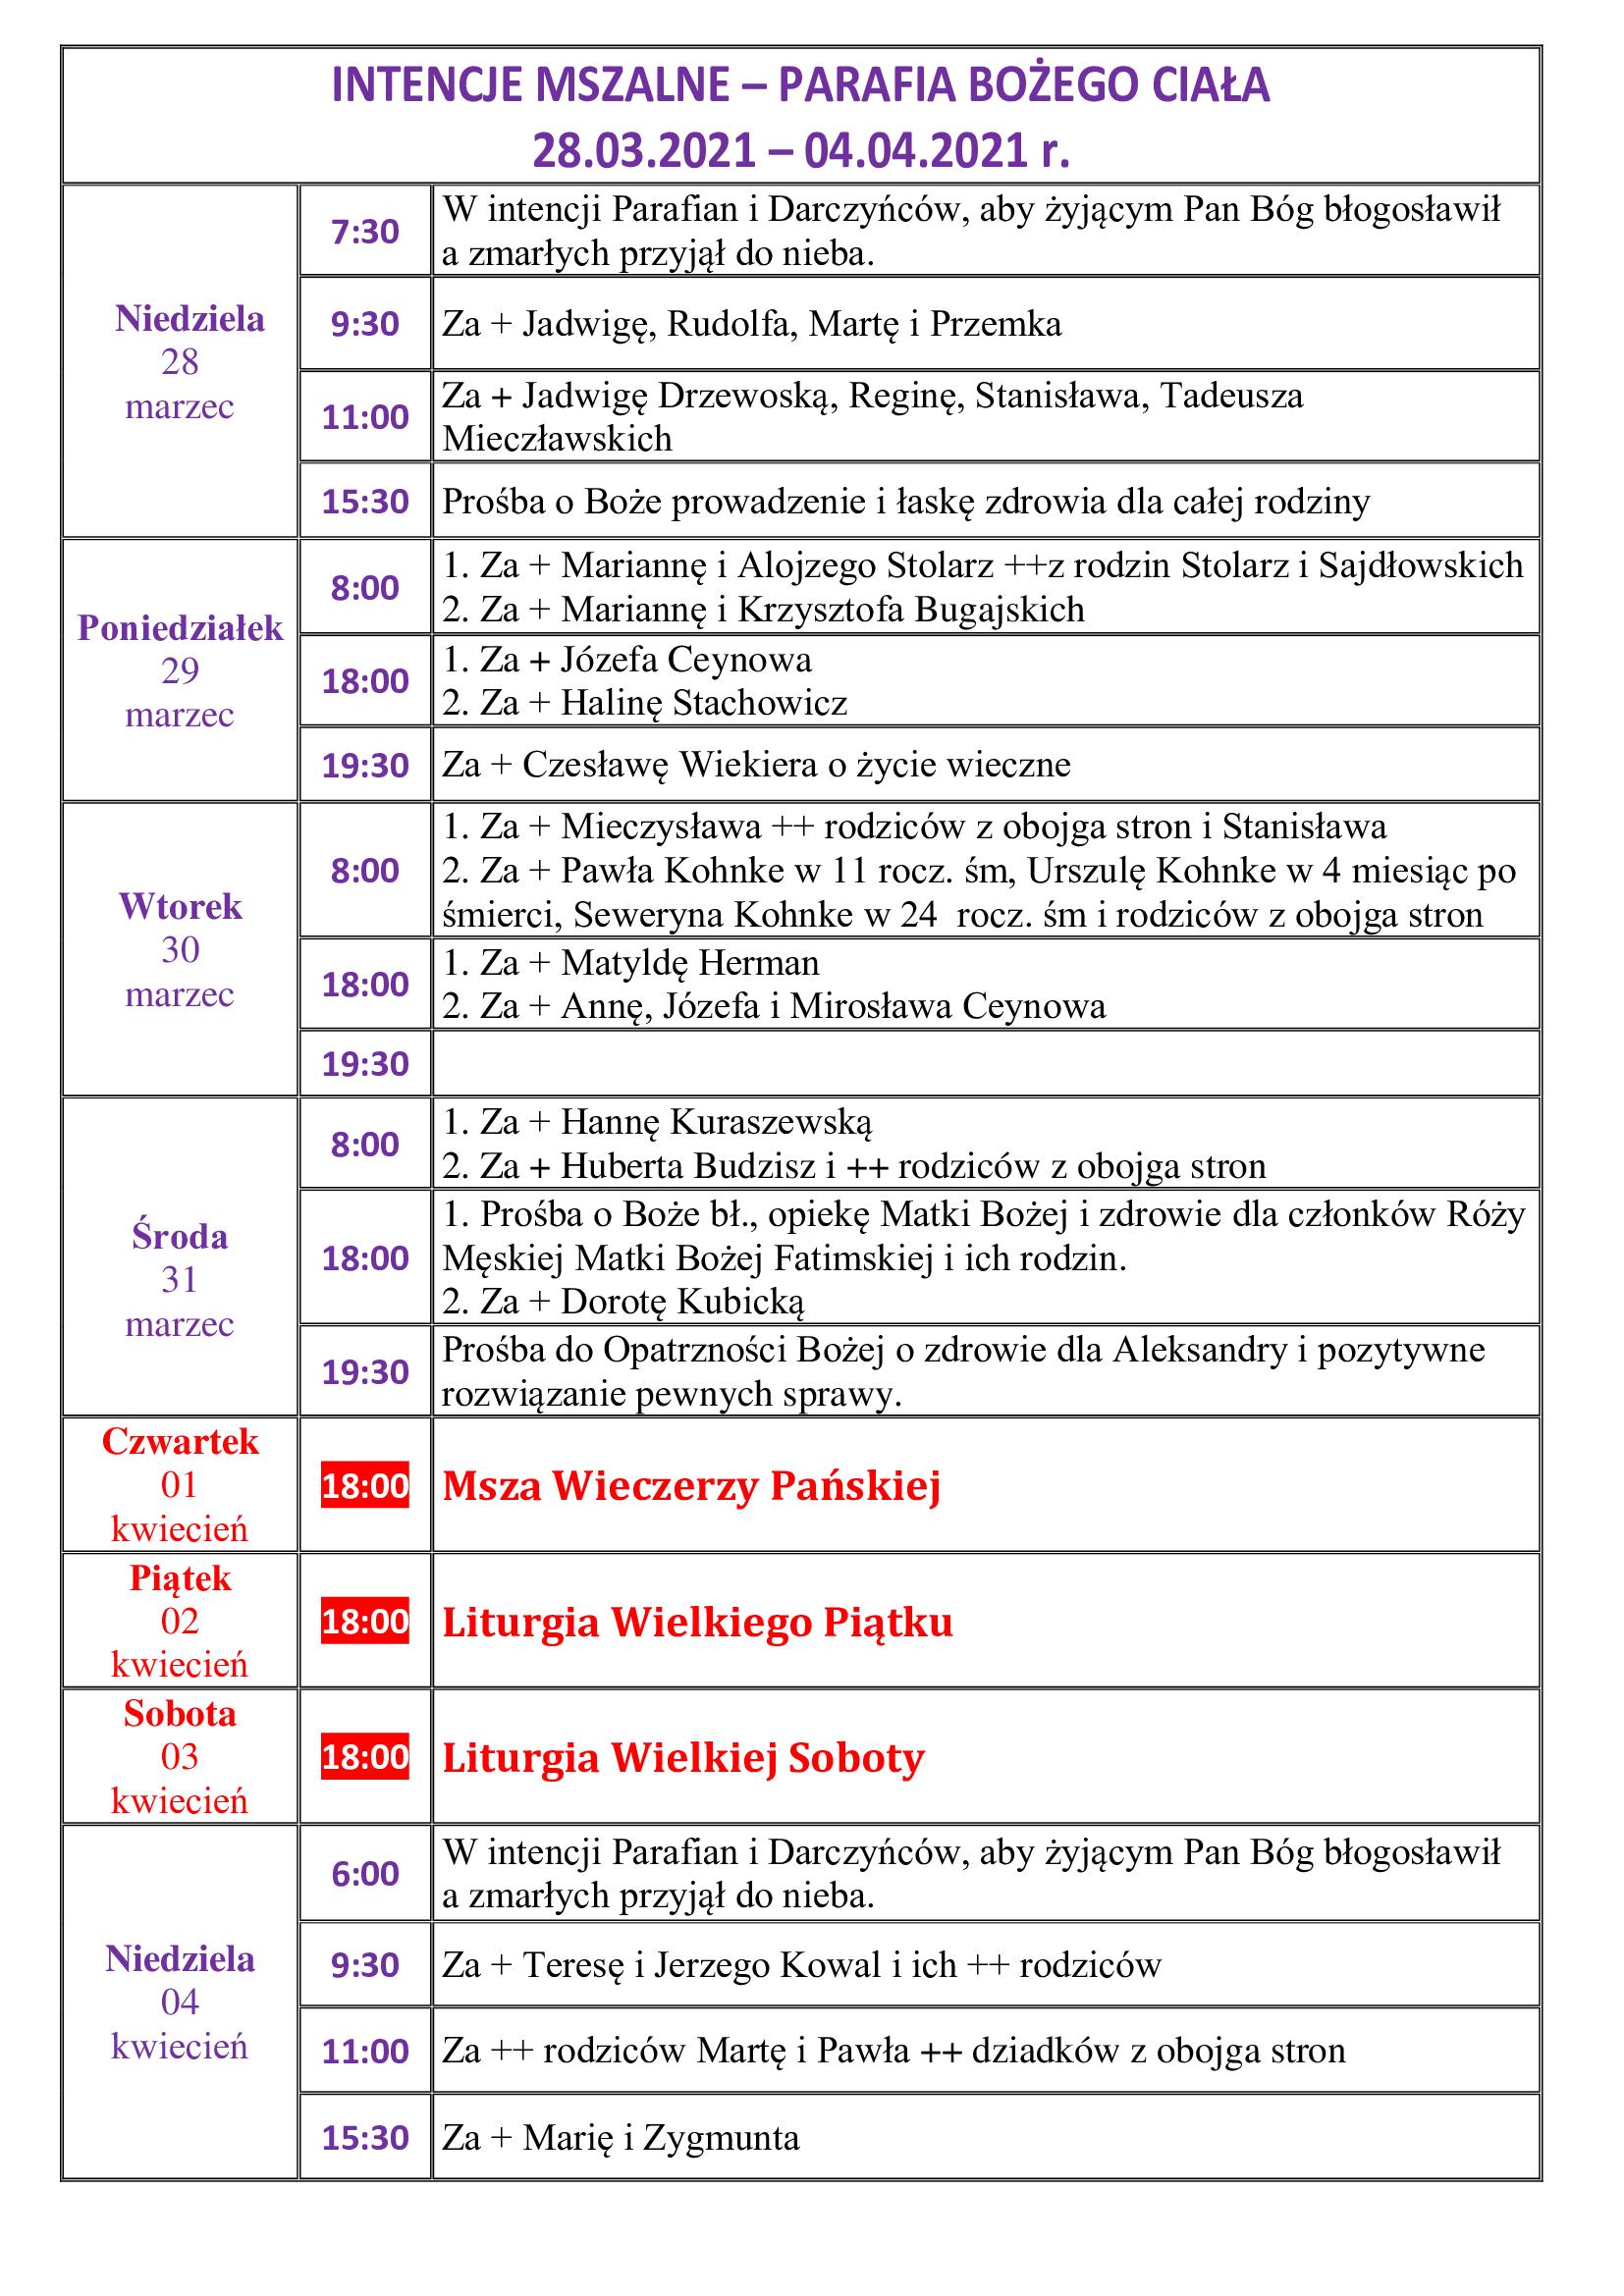 intencje-mszalne-28-03-2021-04-04-2021-r